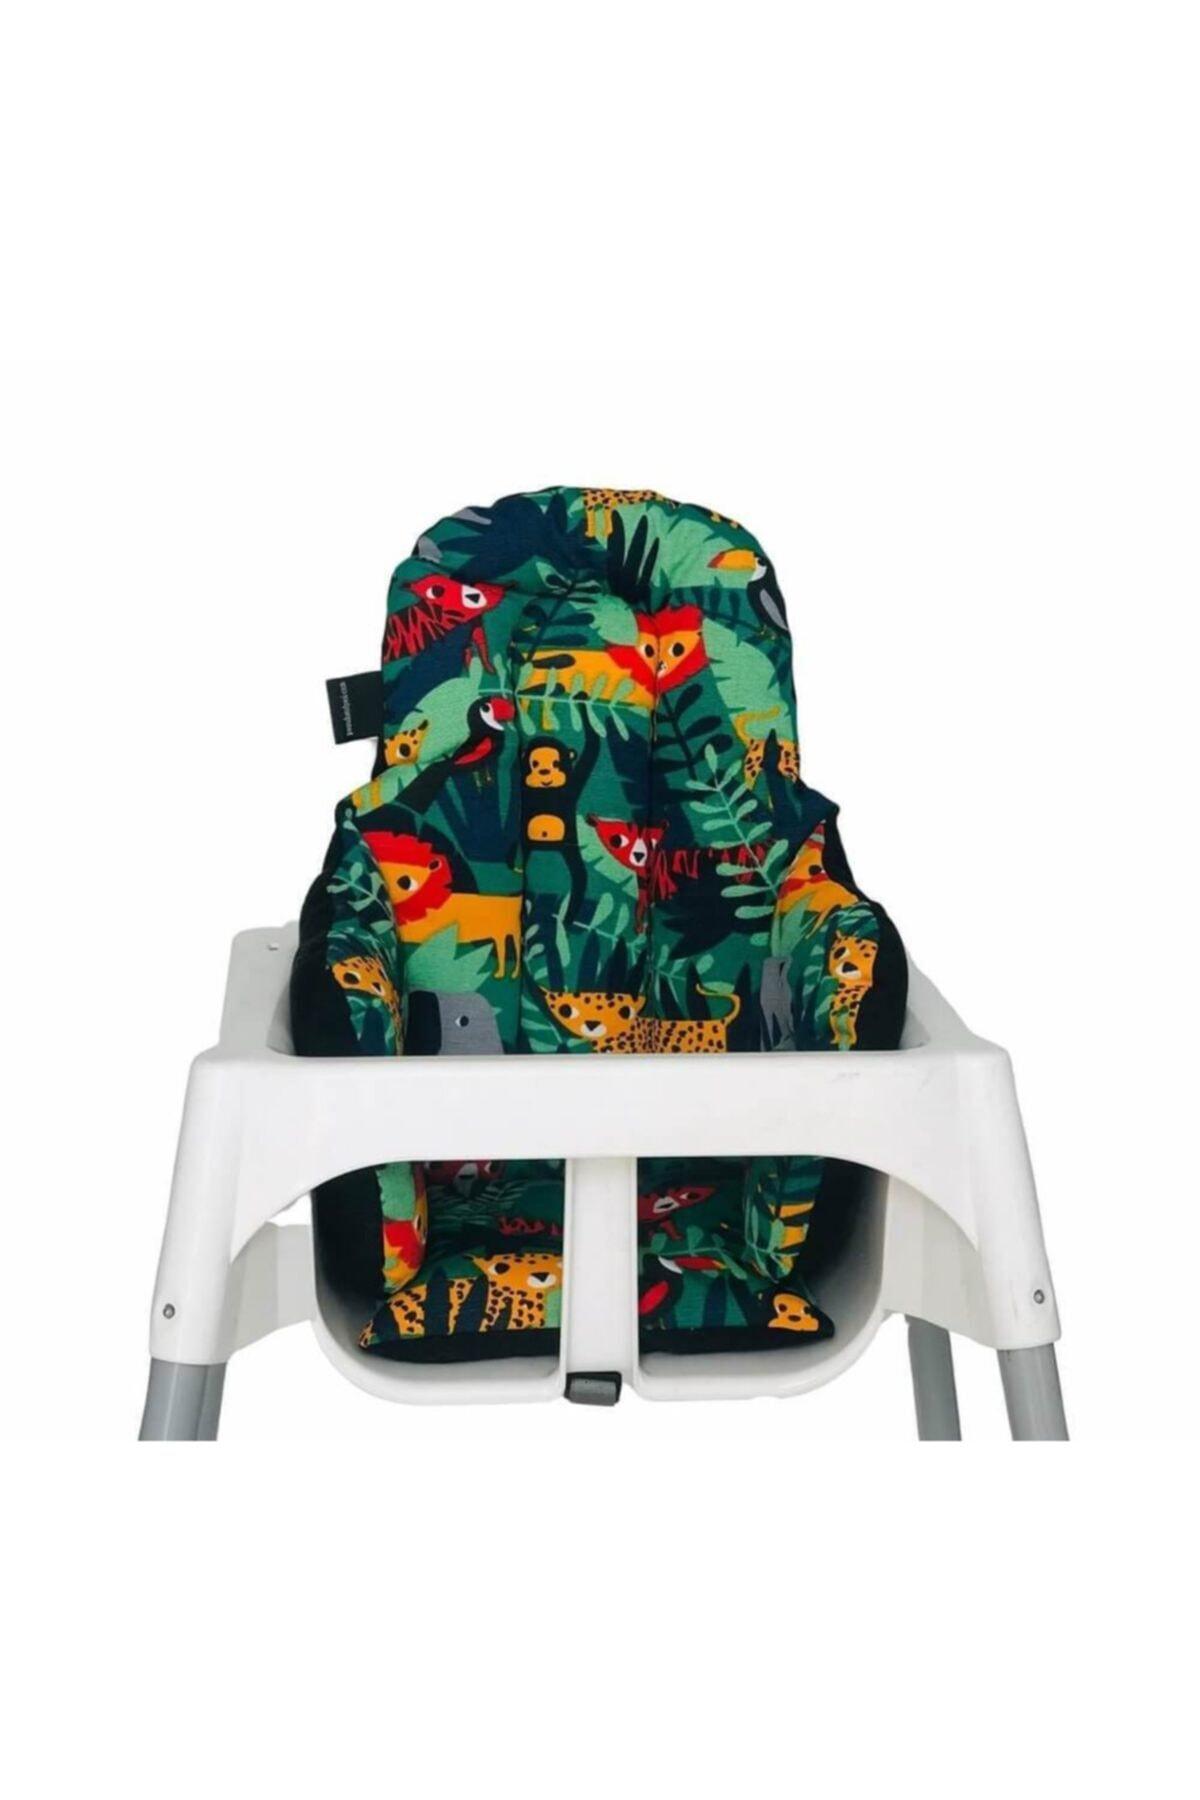 Siyahlı Küçük Mama Sandalyesi Minderi Çift Taraflı